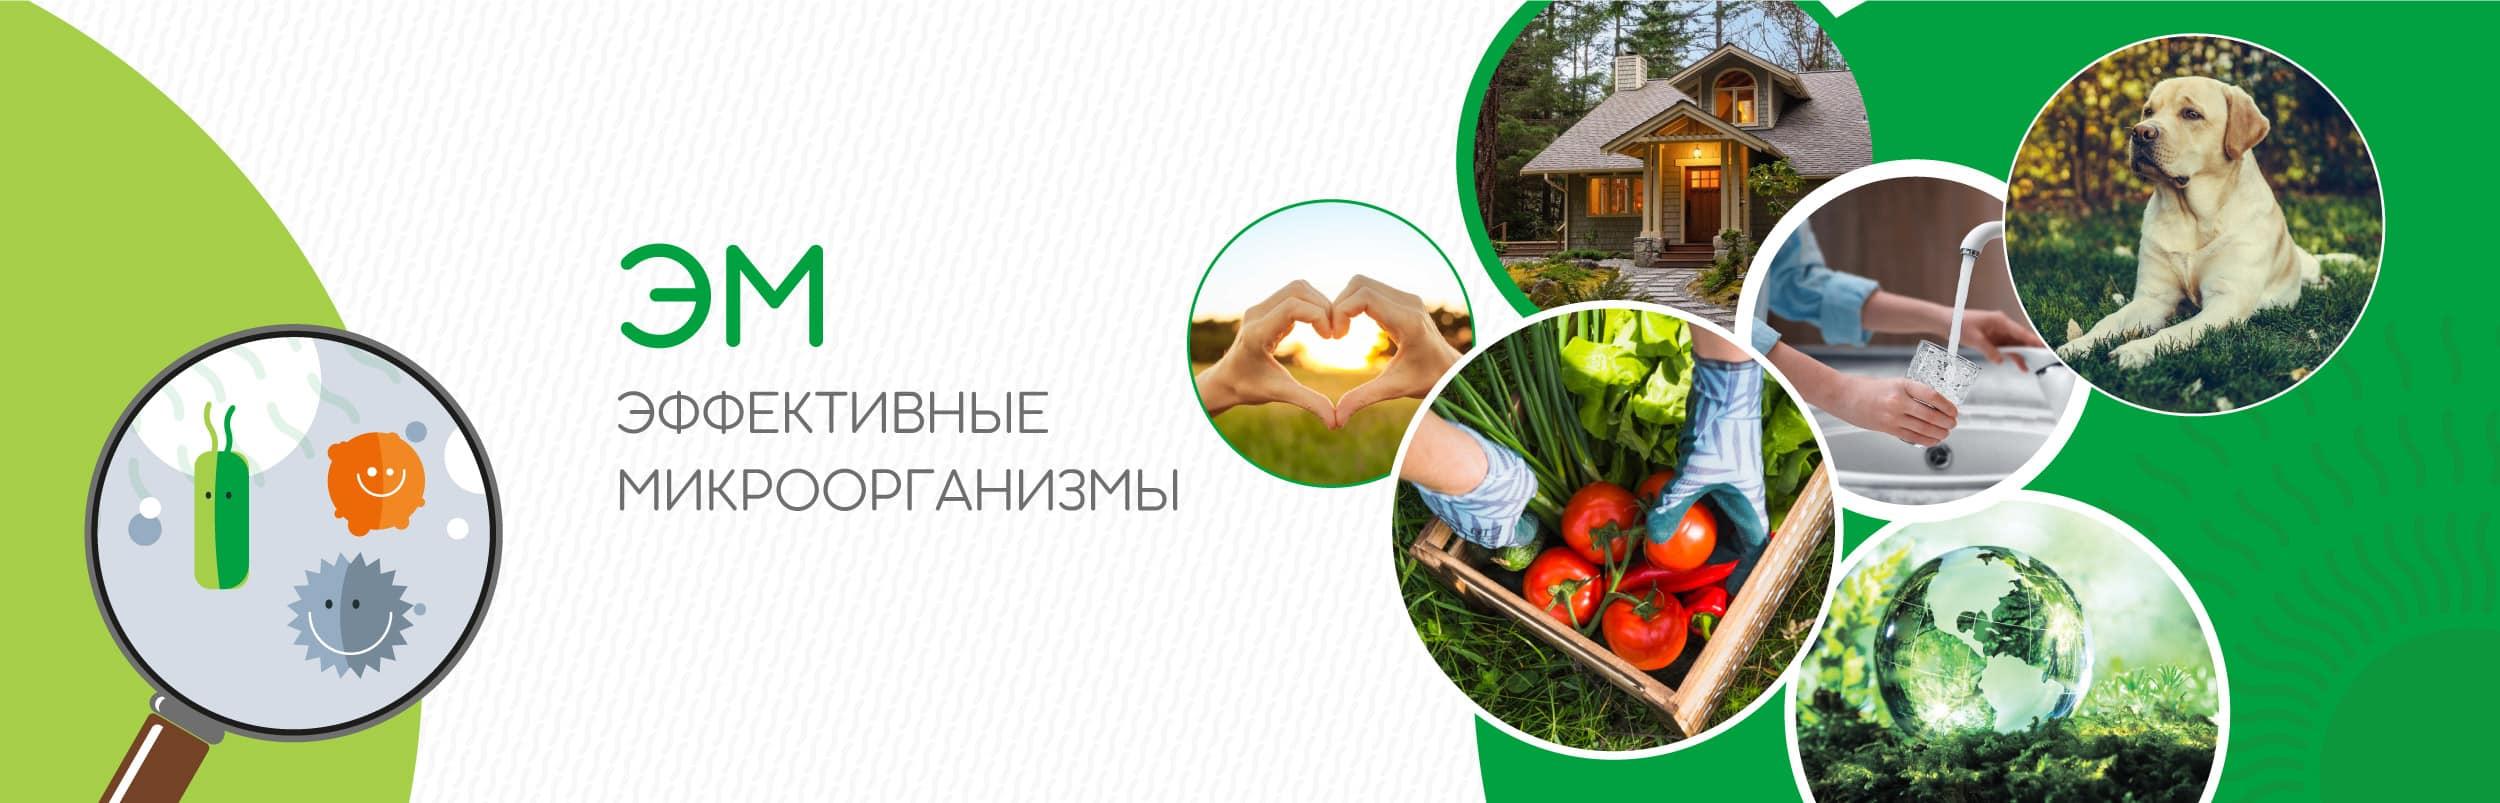 microbioeffect slide - Заря микробиоэффект купить бокаши, эмочки, защита растений, удобрения